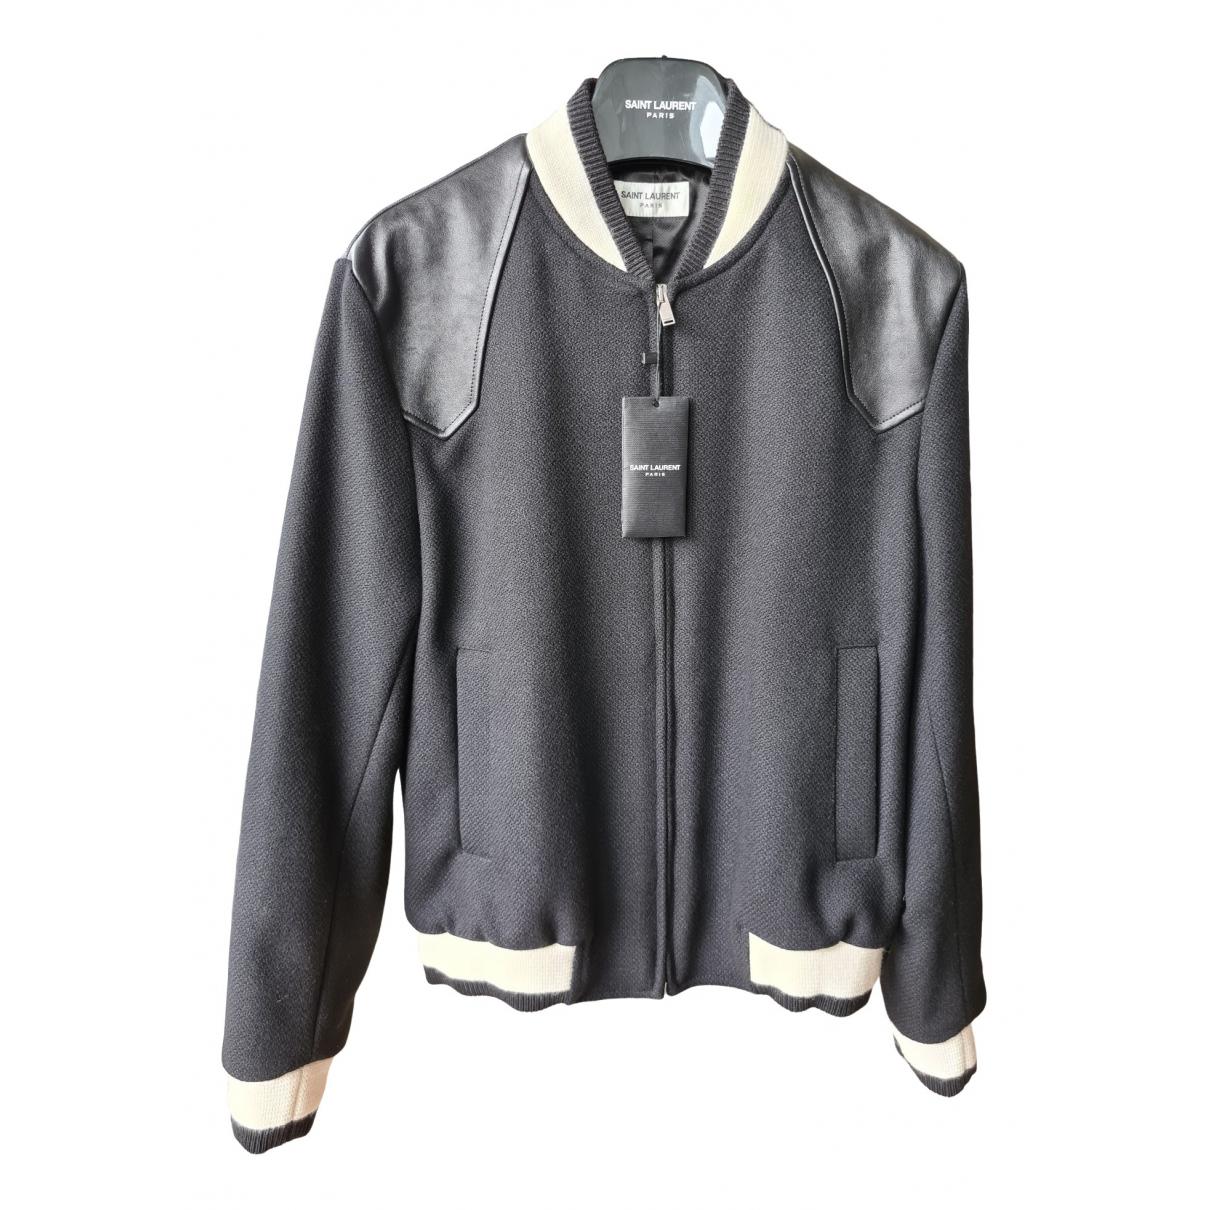 Saint Laurent - Vestes.Blousons   pour homme en laine - noir